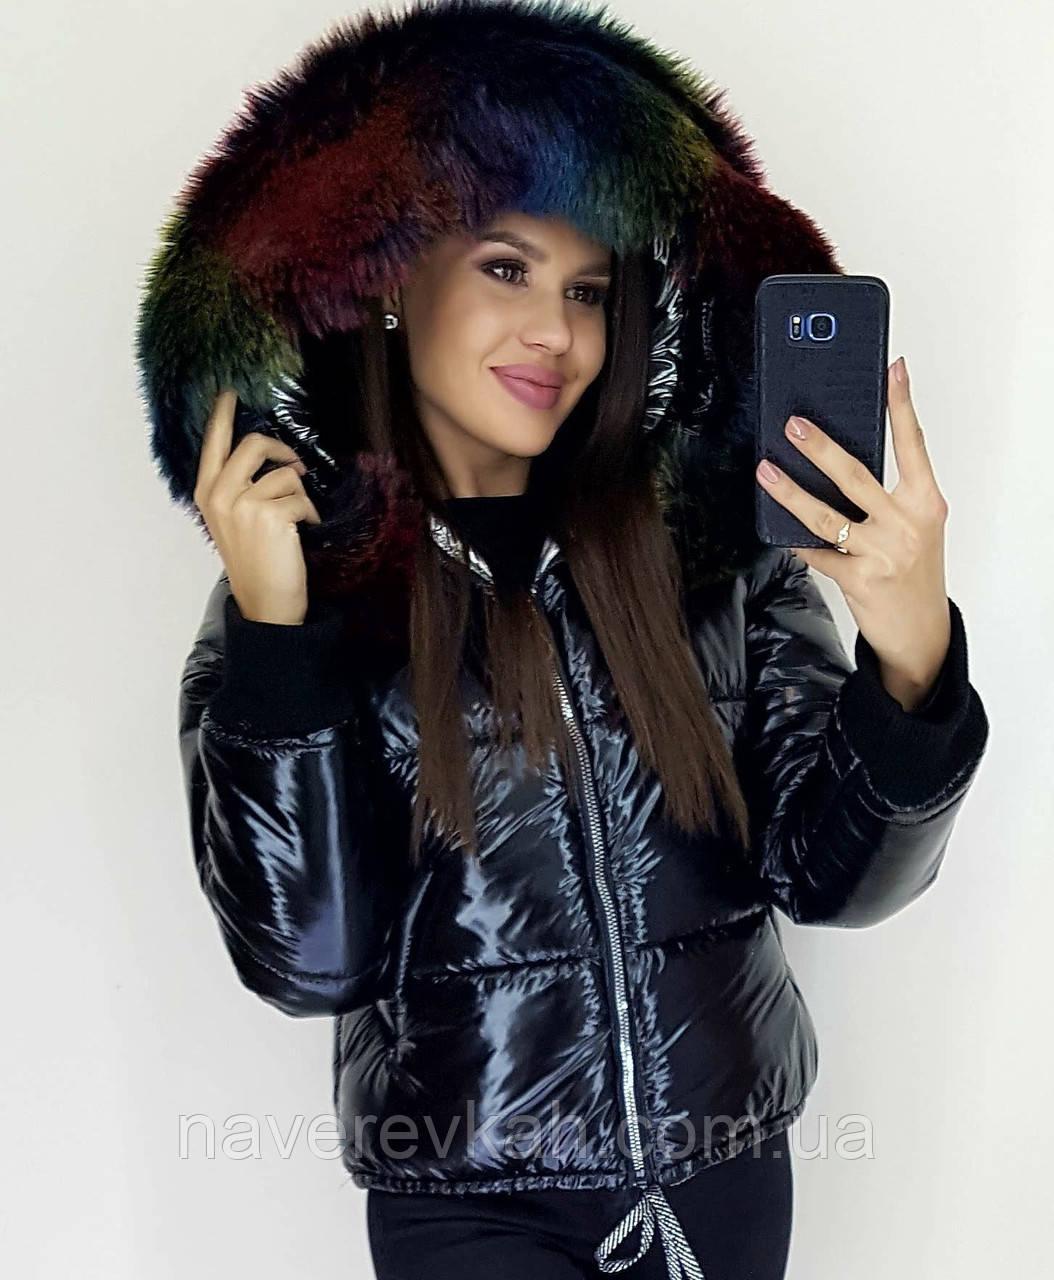 Женская короткая зимняя теплая куртка плащевка на синтепоне лакированная с разноцветным мехом черная S M L